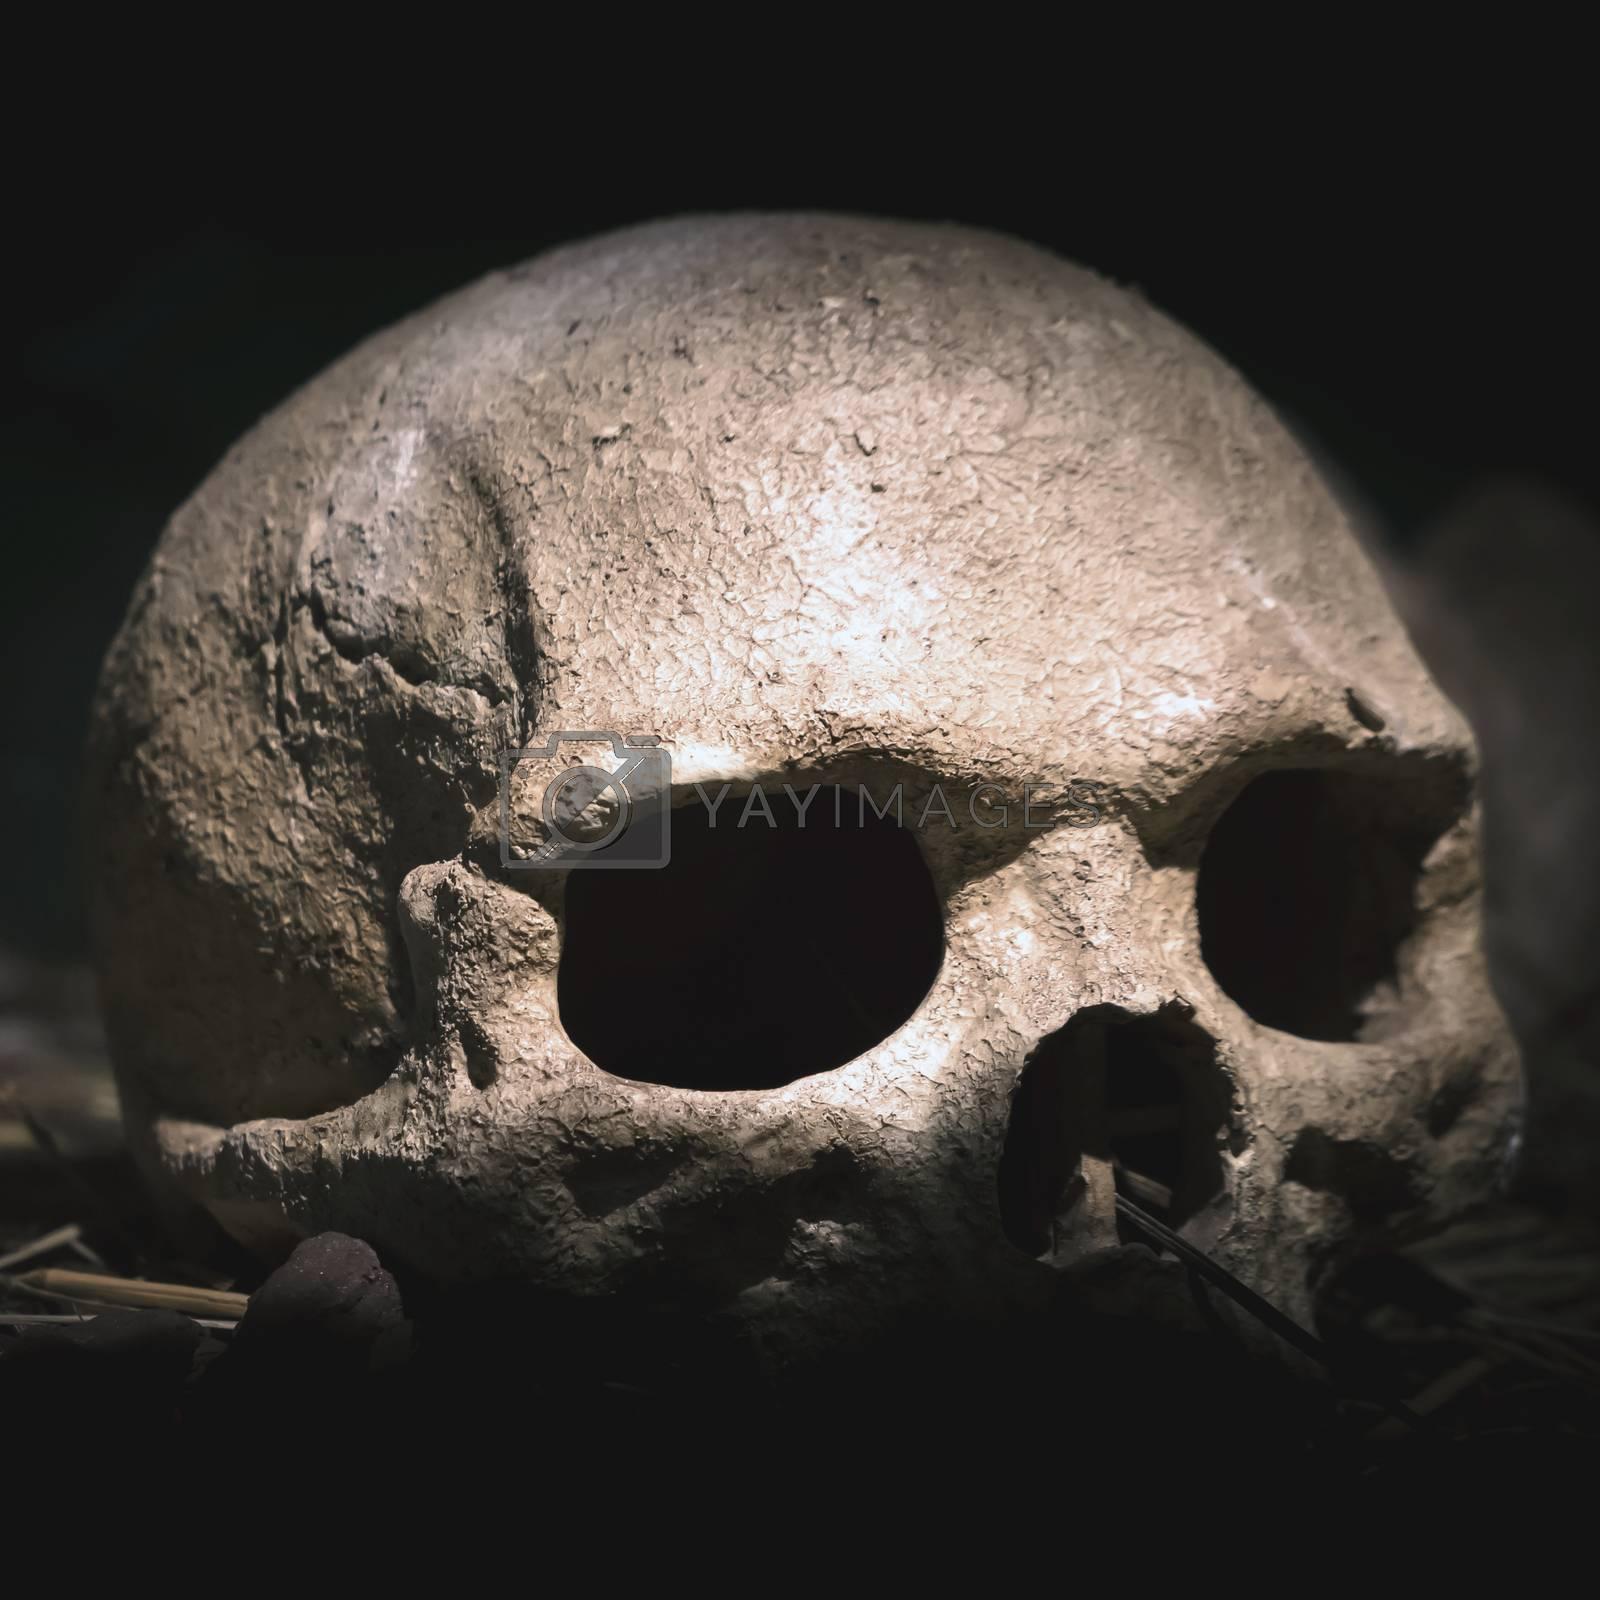 Old skull. Real human skull on dark background. Vintage black background.